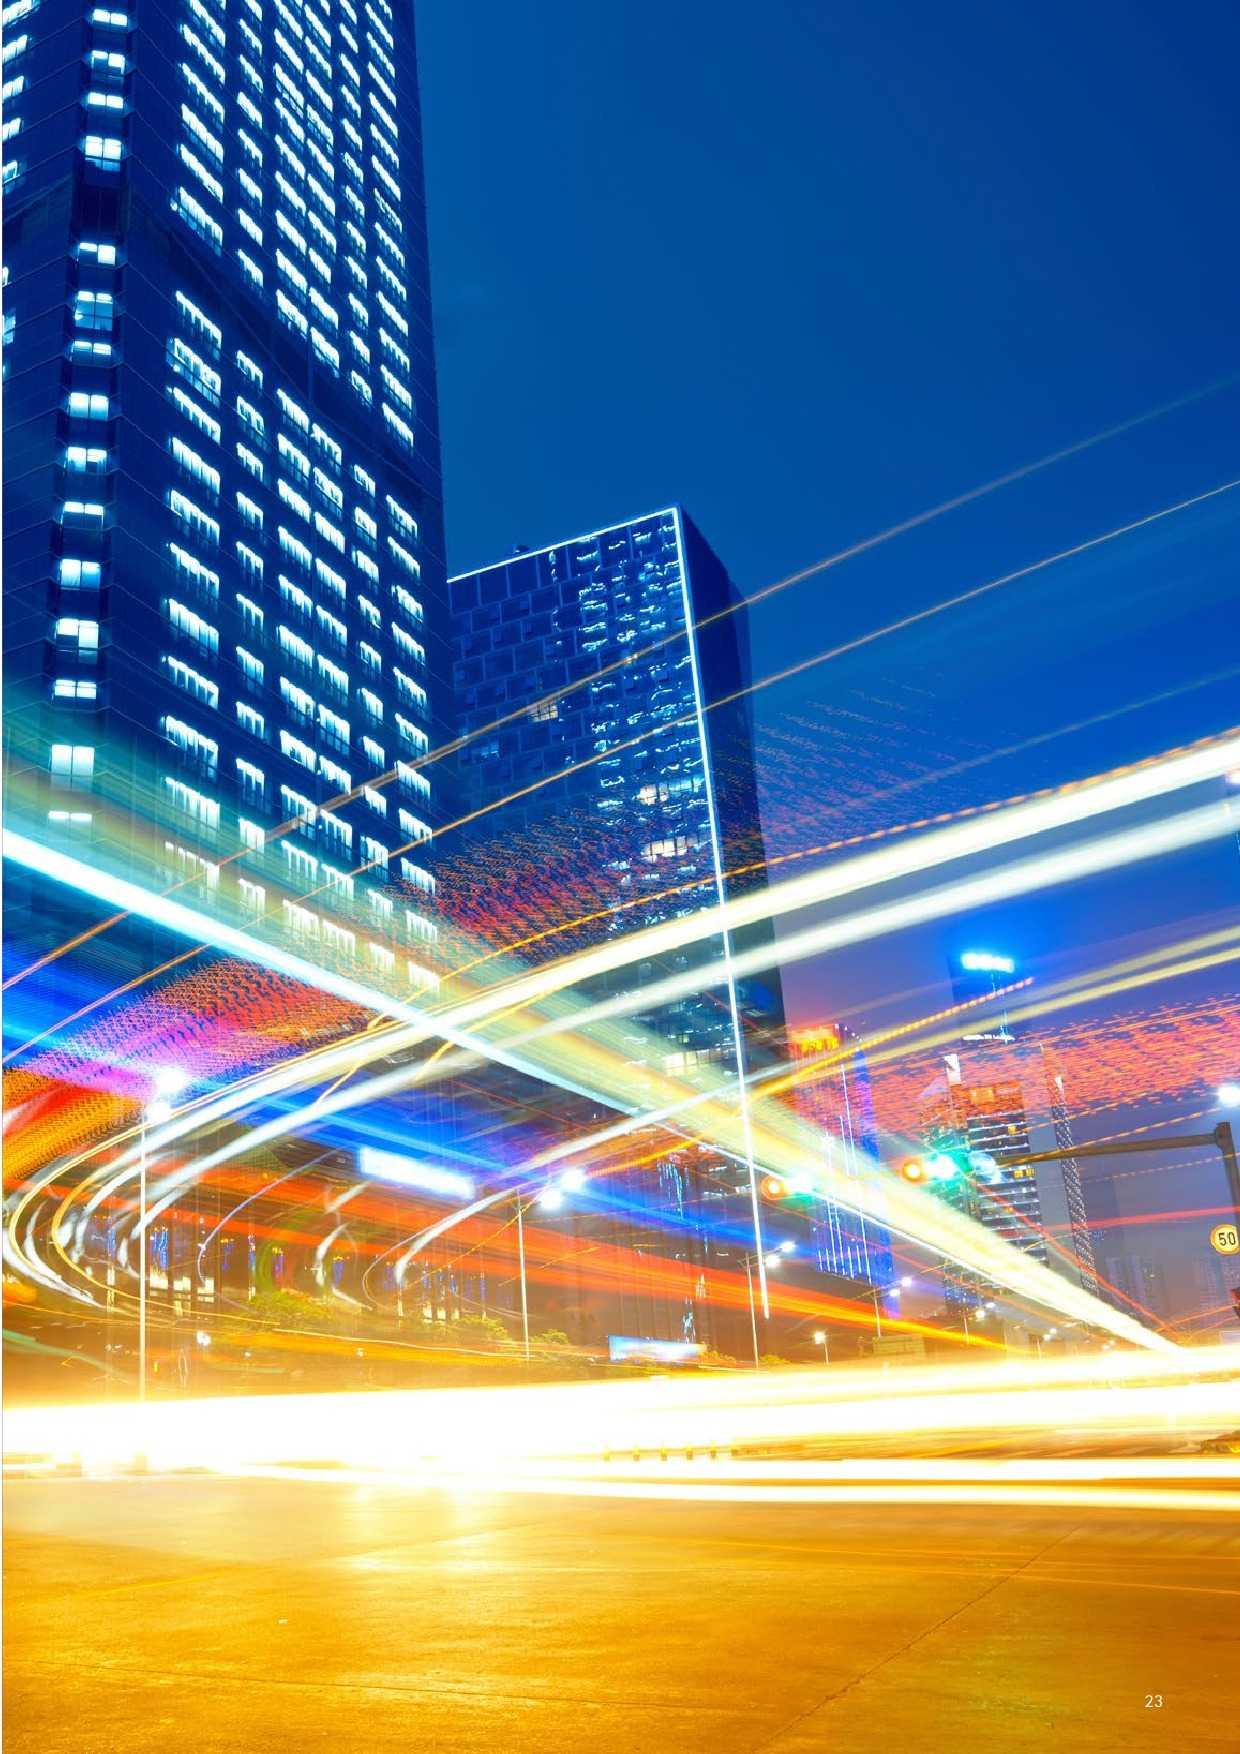 埃森哲&中科院:2015年新资源经济城市指数_000023